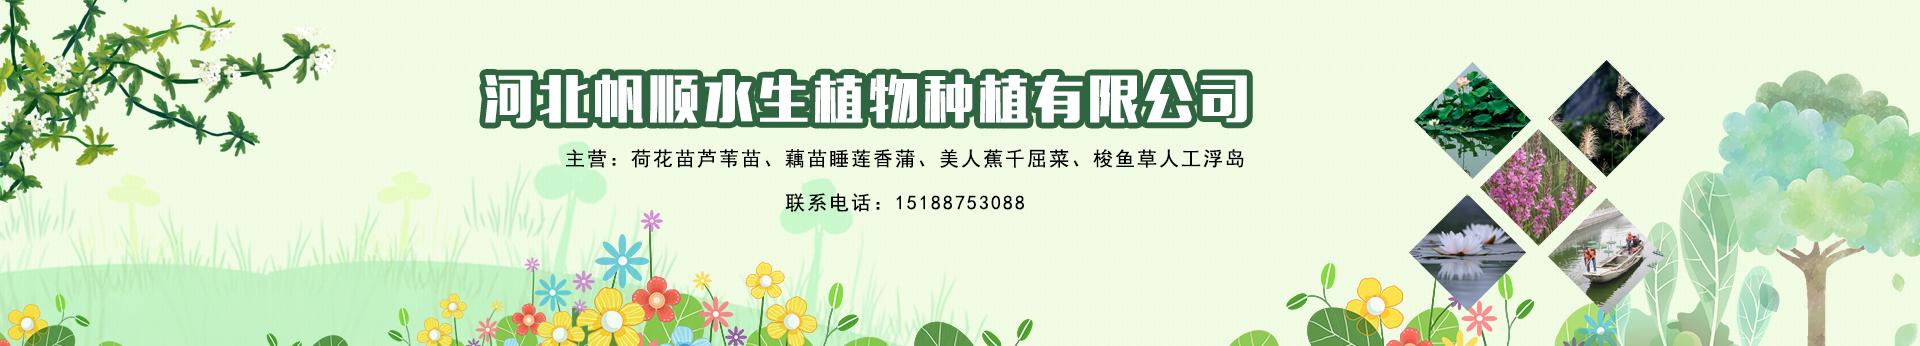 河北帆顺水生植物种植有限公司